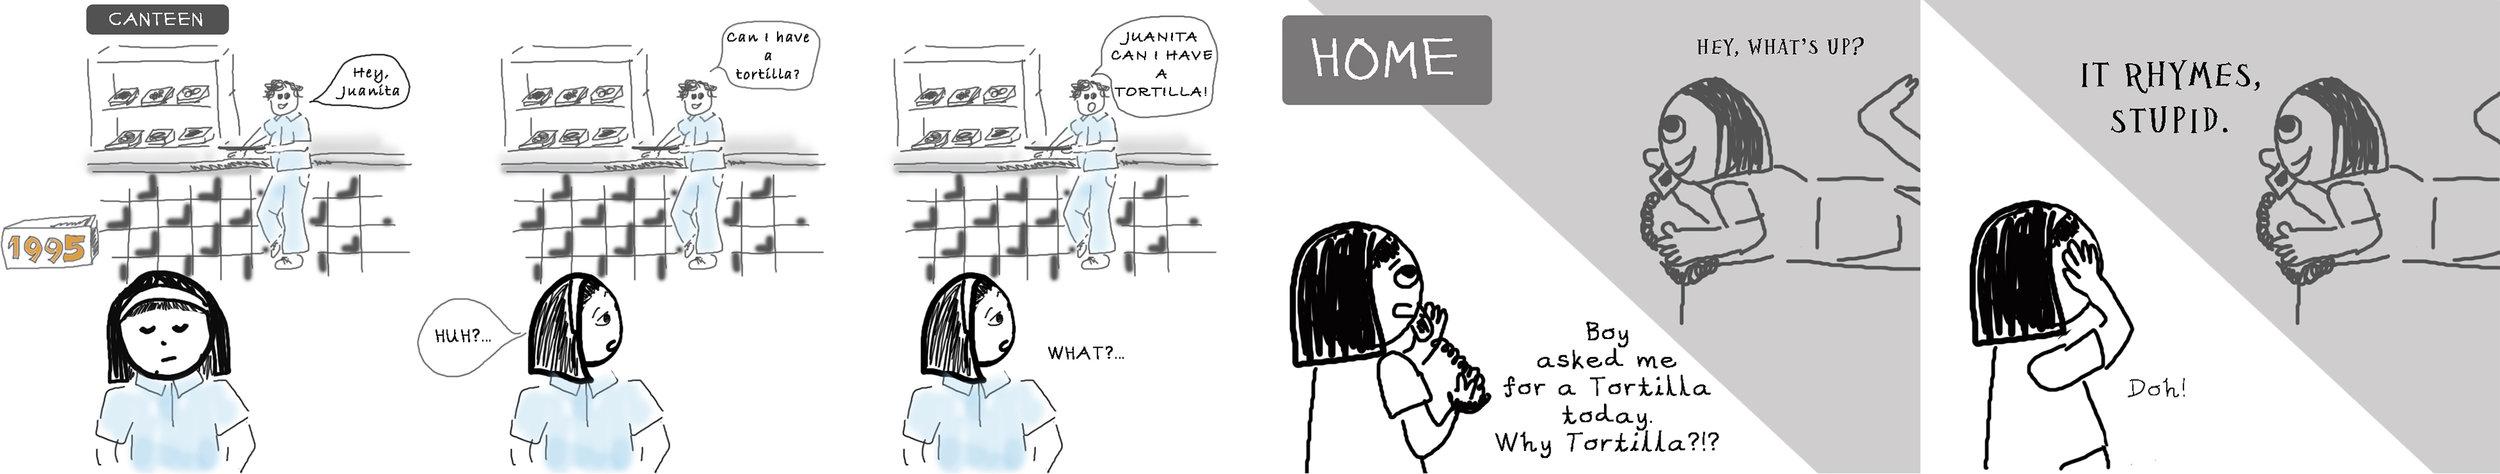 Why JuanitaTortilla Comic Strip.jpg